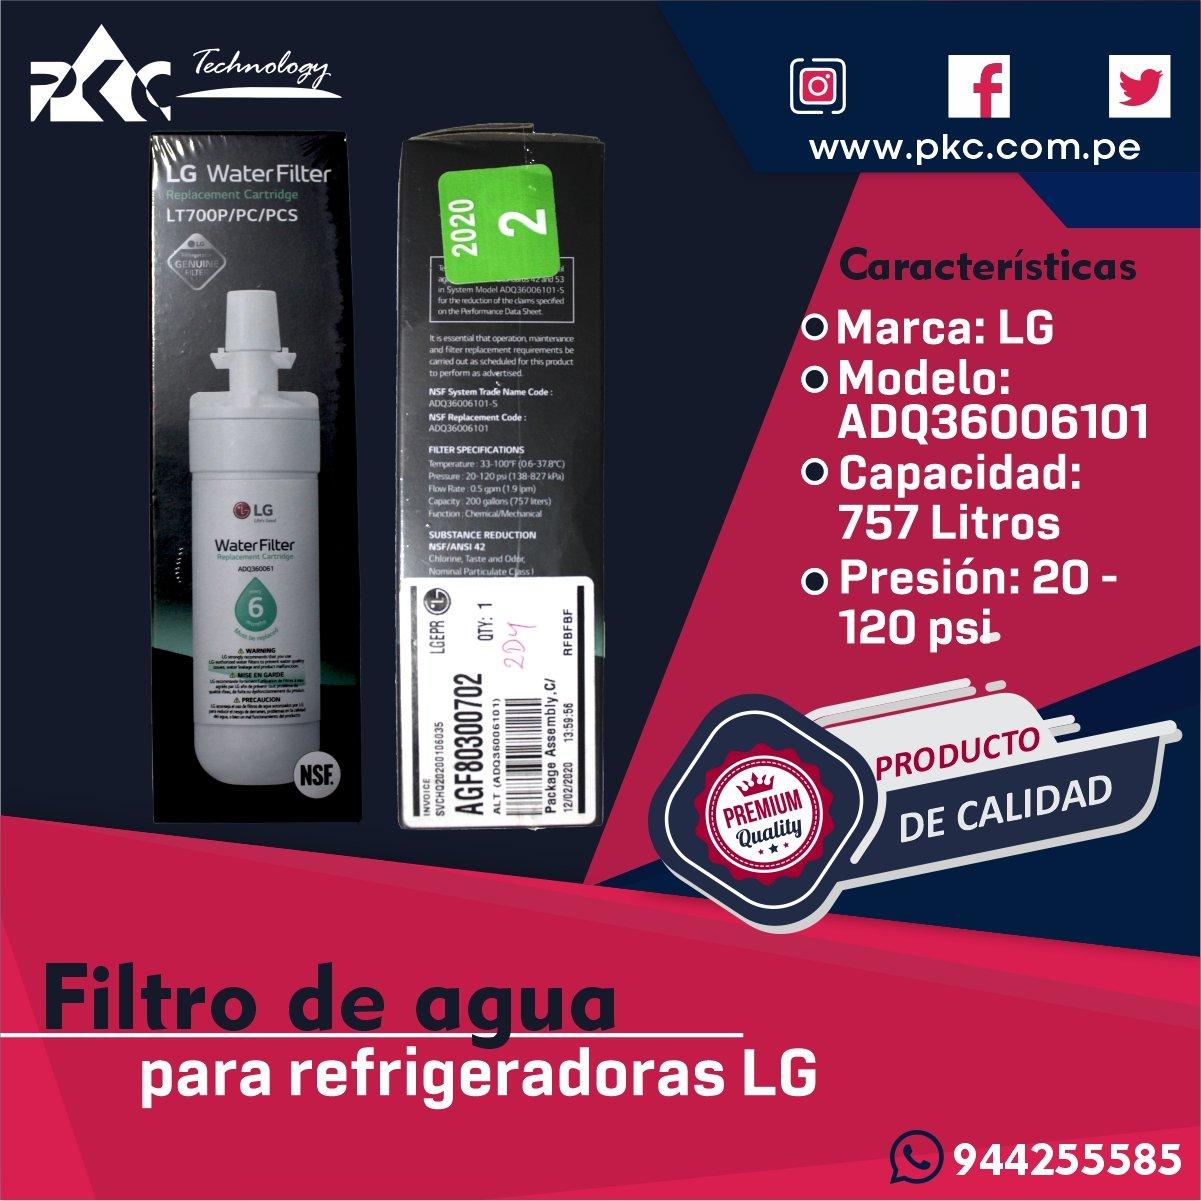 Filtro de agua Refrigeradora LG AGF80300702